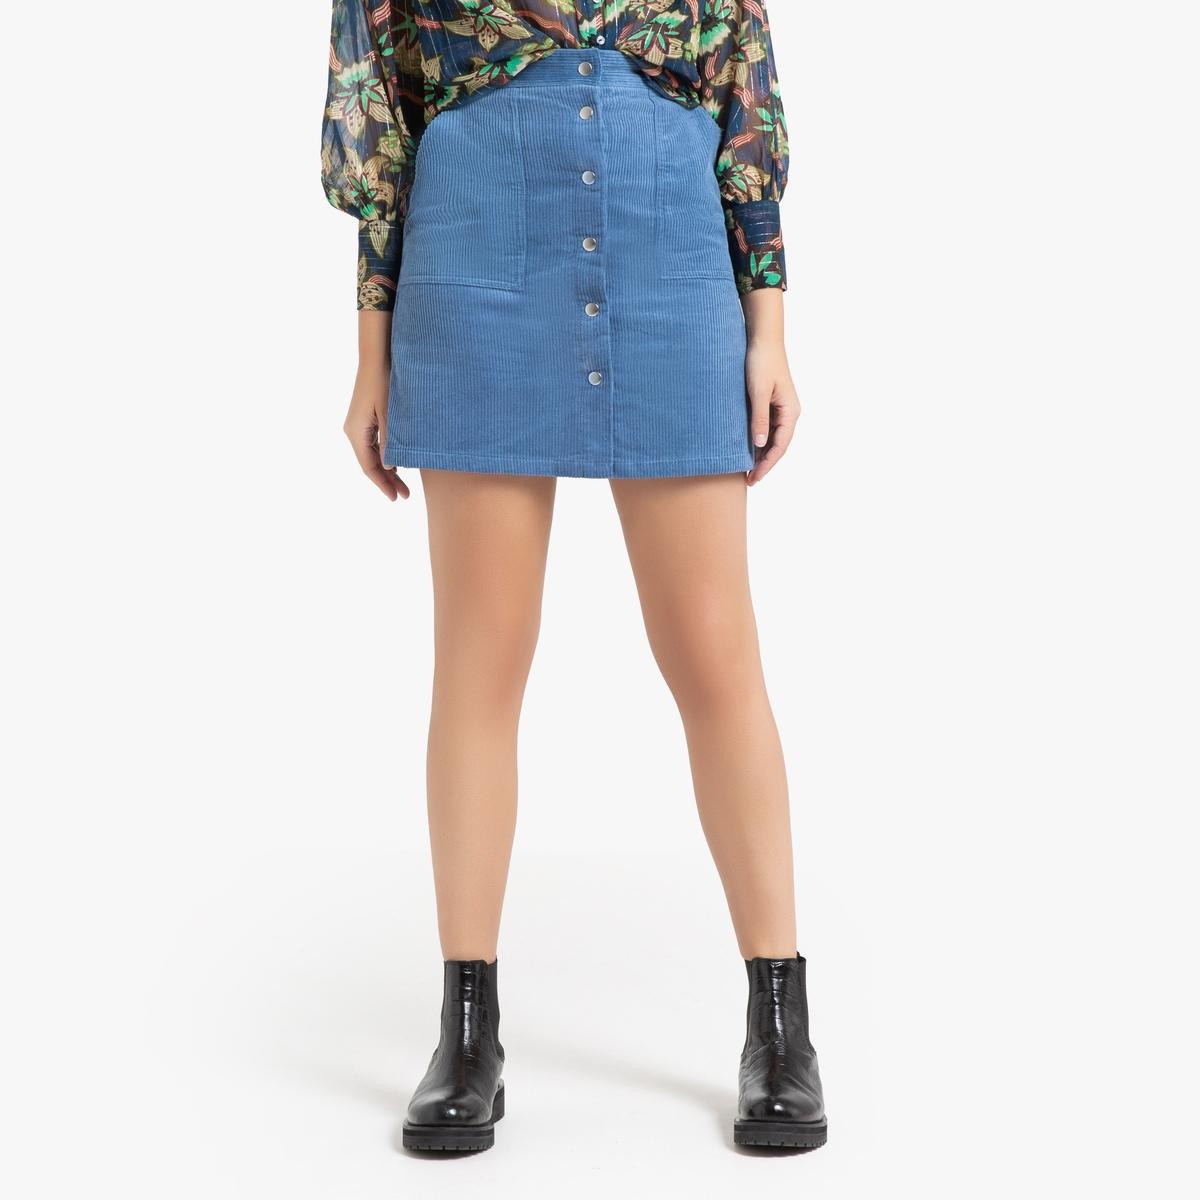 Юбка La Redoute Прямая короткая ELIANORE L синий юбка жаккардовая короткая